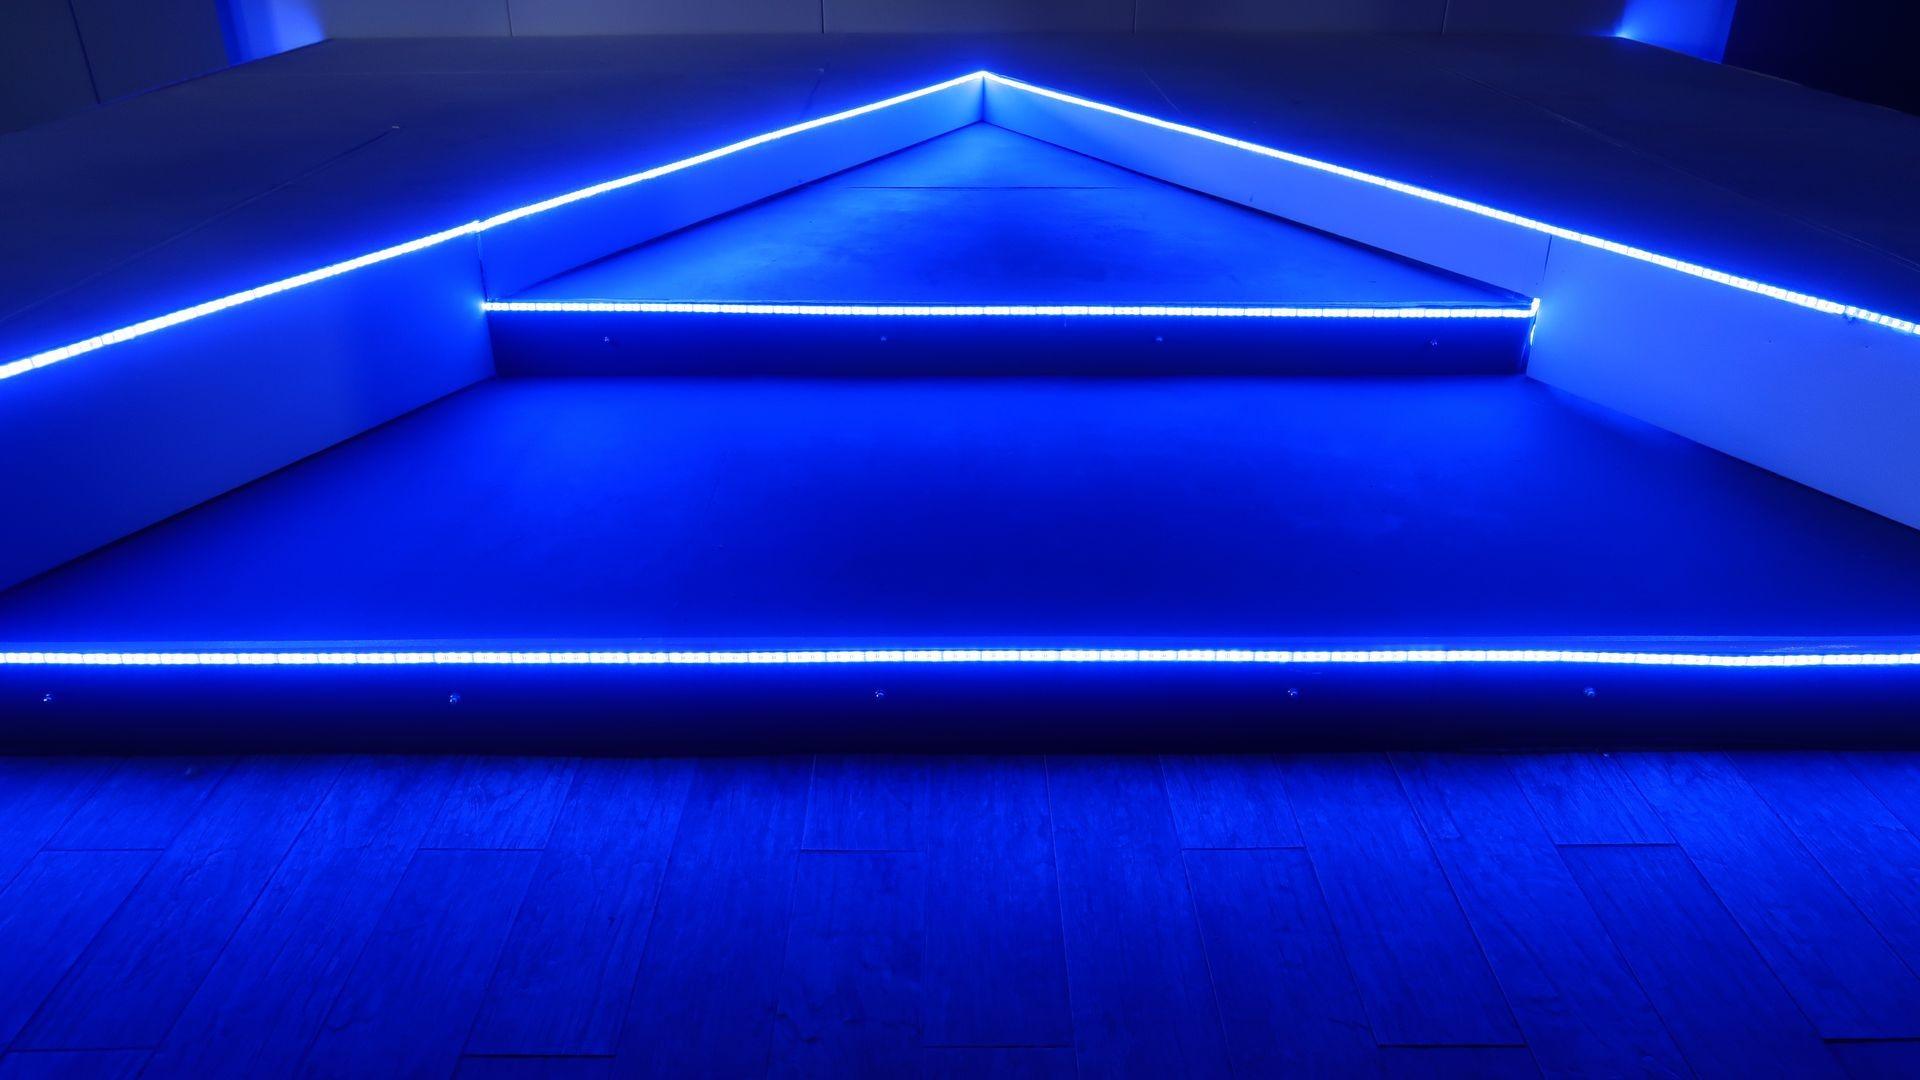 Blue Neon Lights Wallpaper